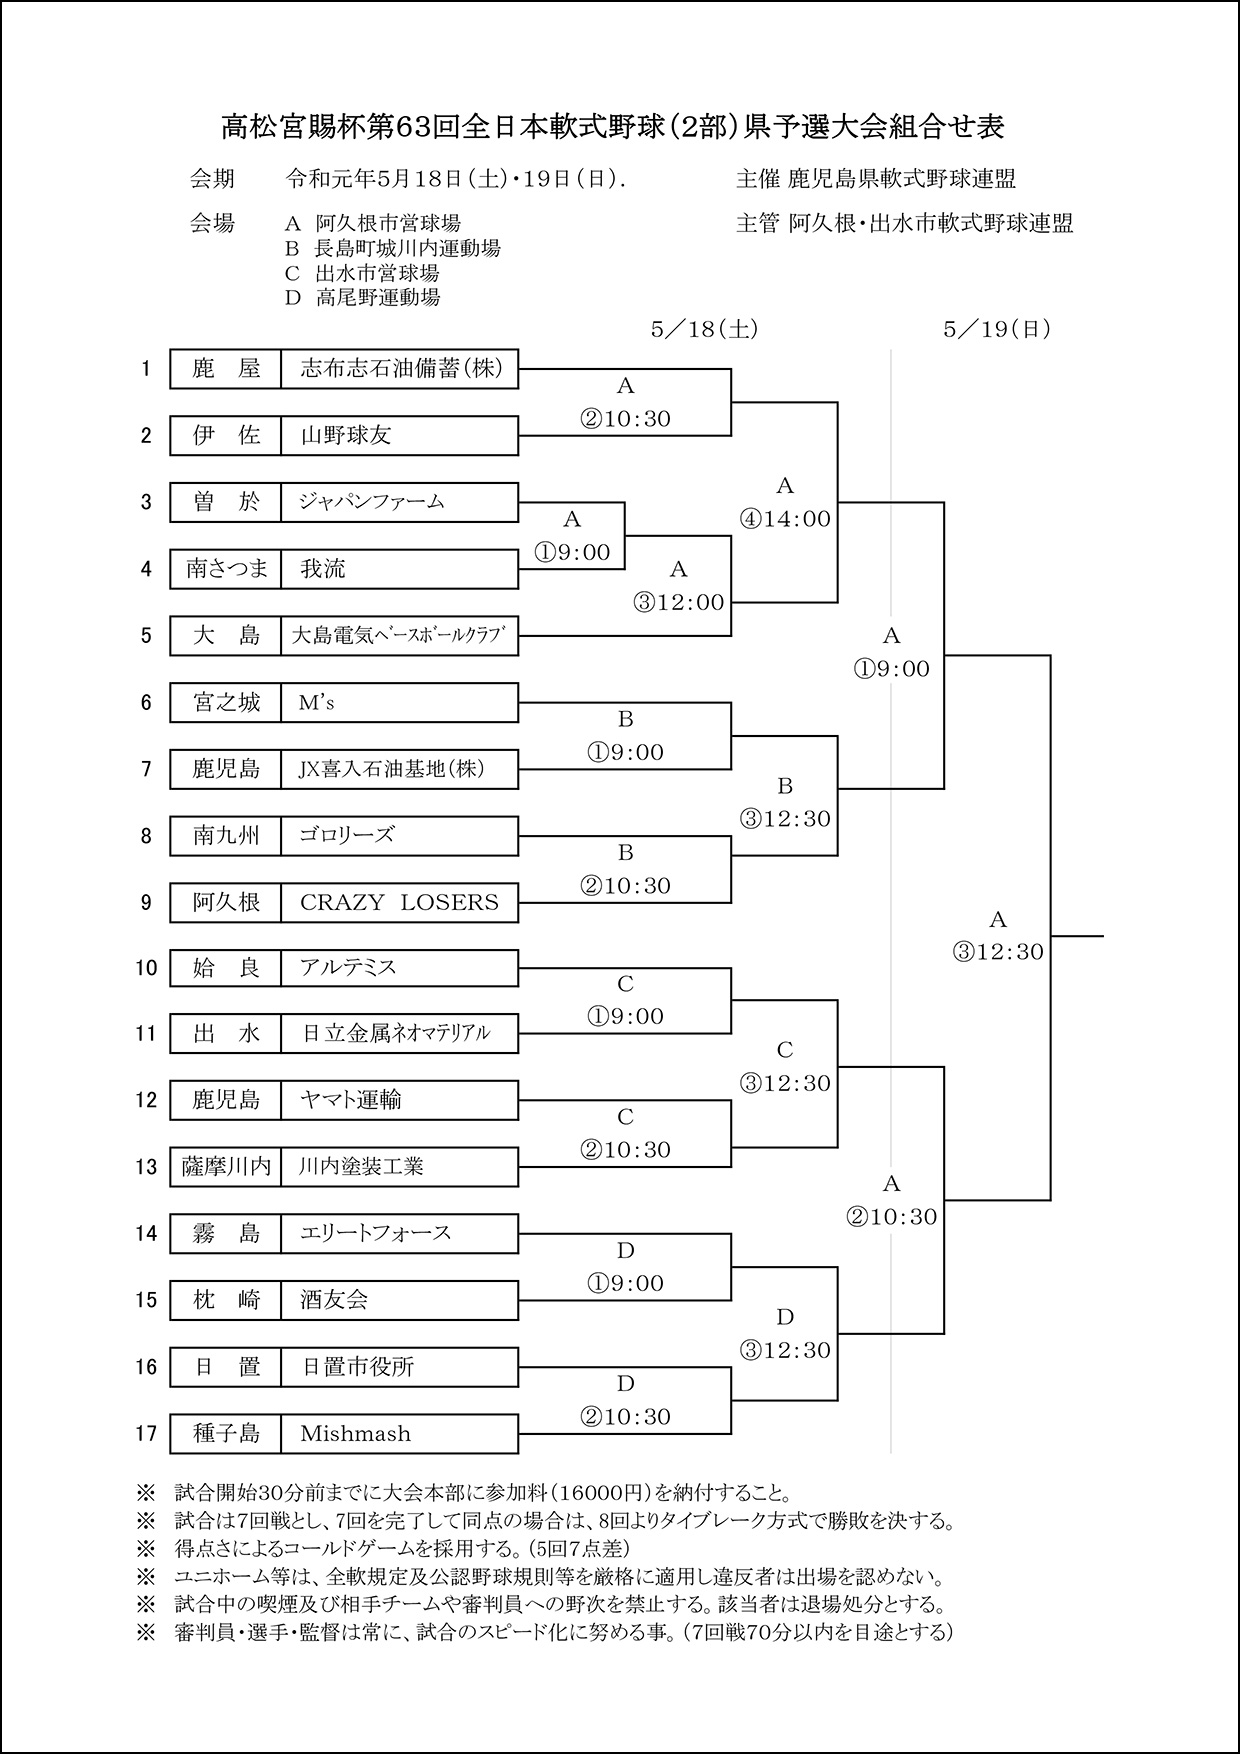 【組合せ】高松宮賜杯第63回全日本軟式野球(2部)県予選大会